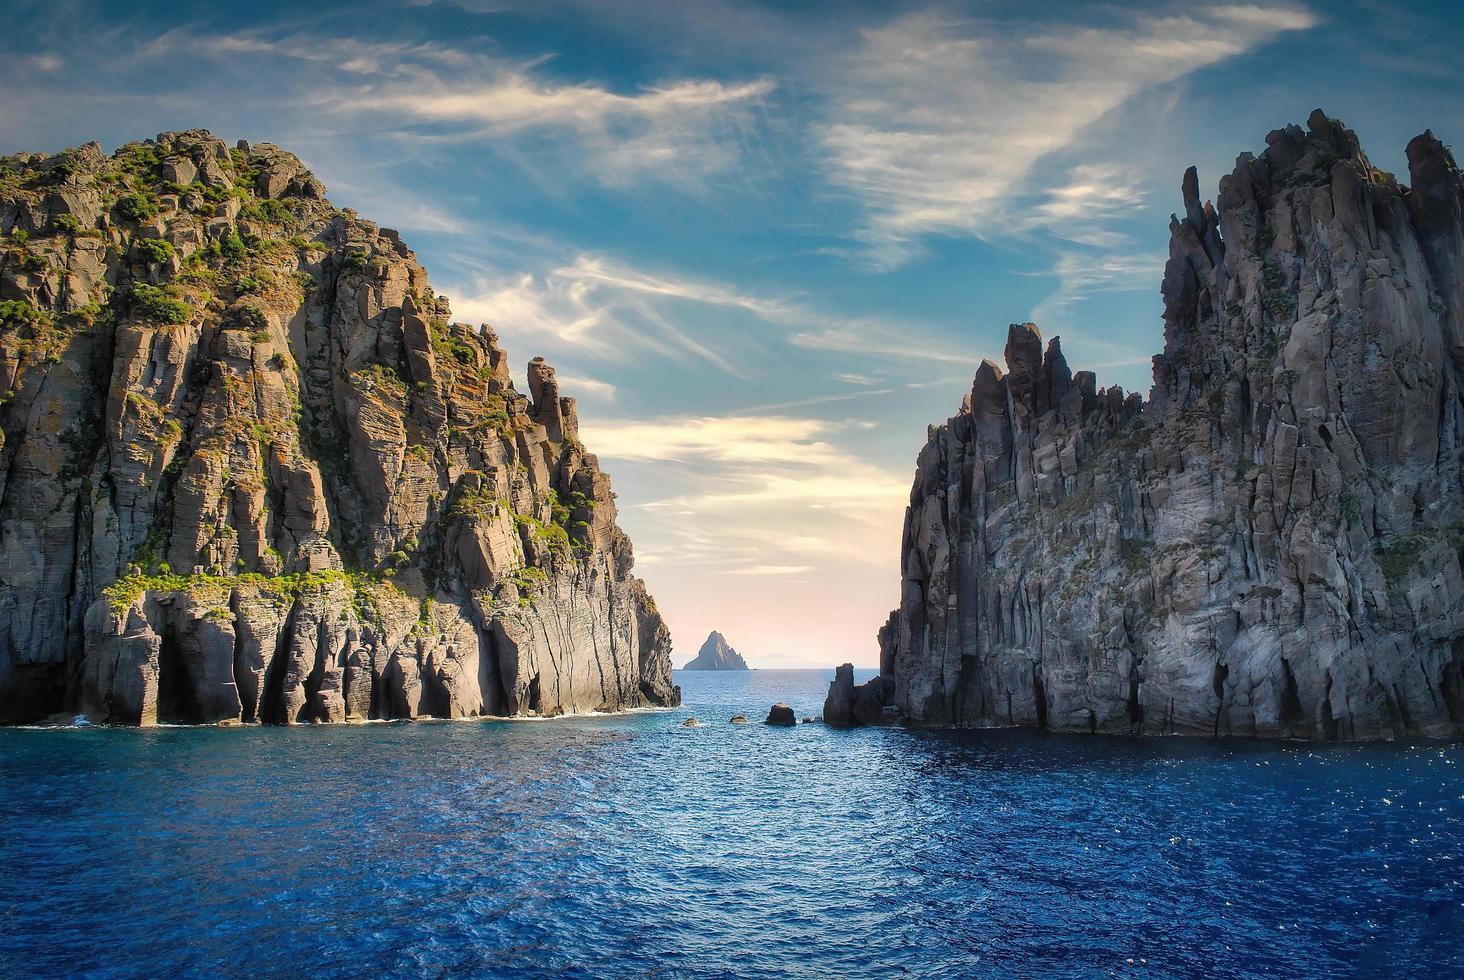 île de stromboli dans les îles éoliennes photo